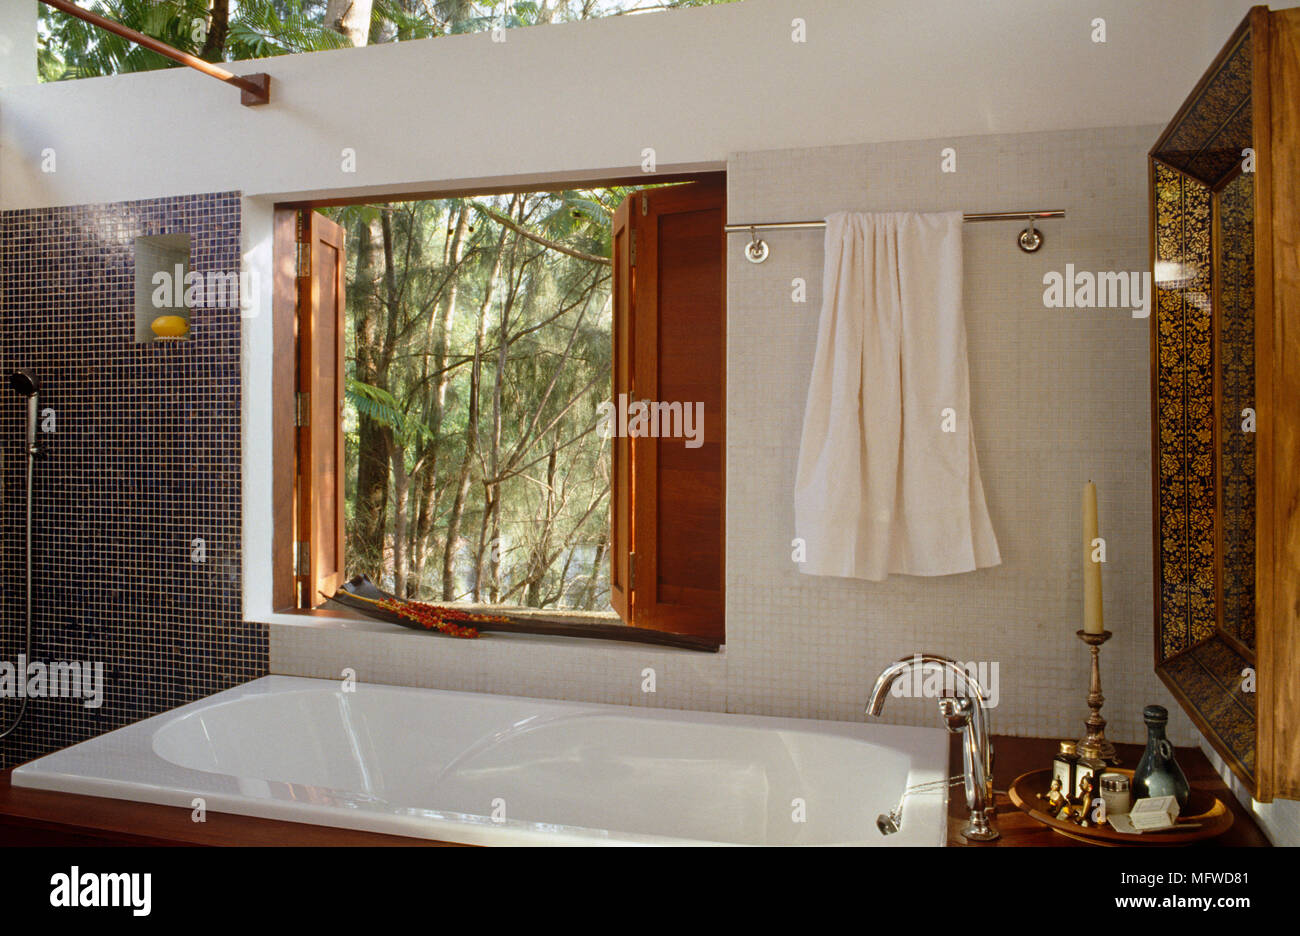 Vasca Da Bagno Sotto Finestra : Vasca sotto finestra nel bagno aperto agli elementi foto